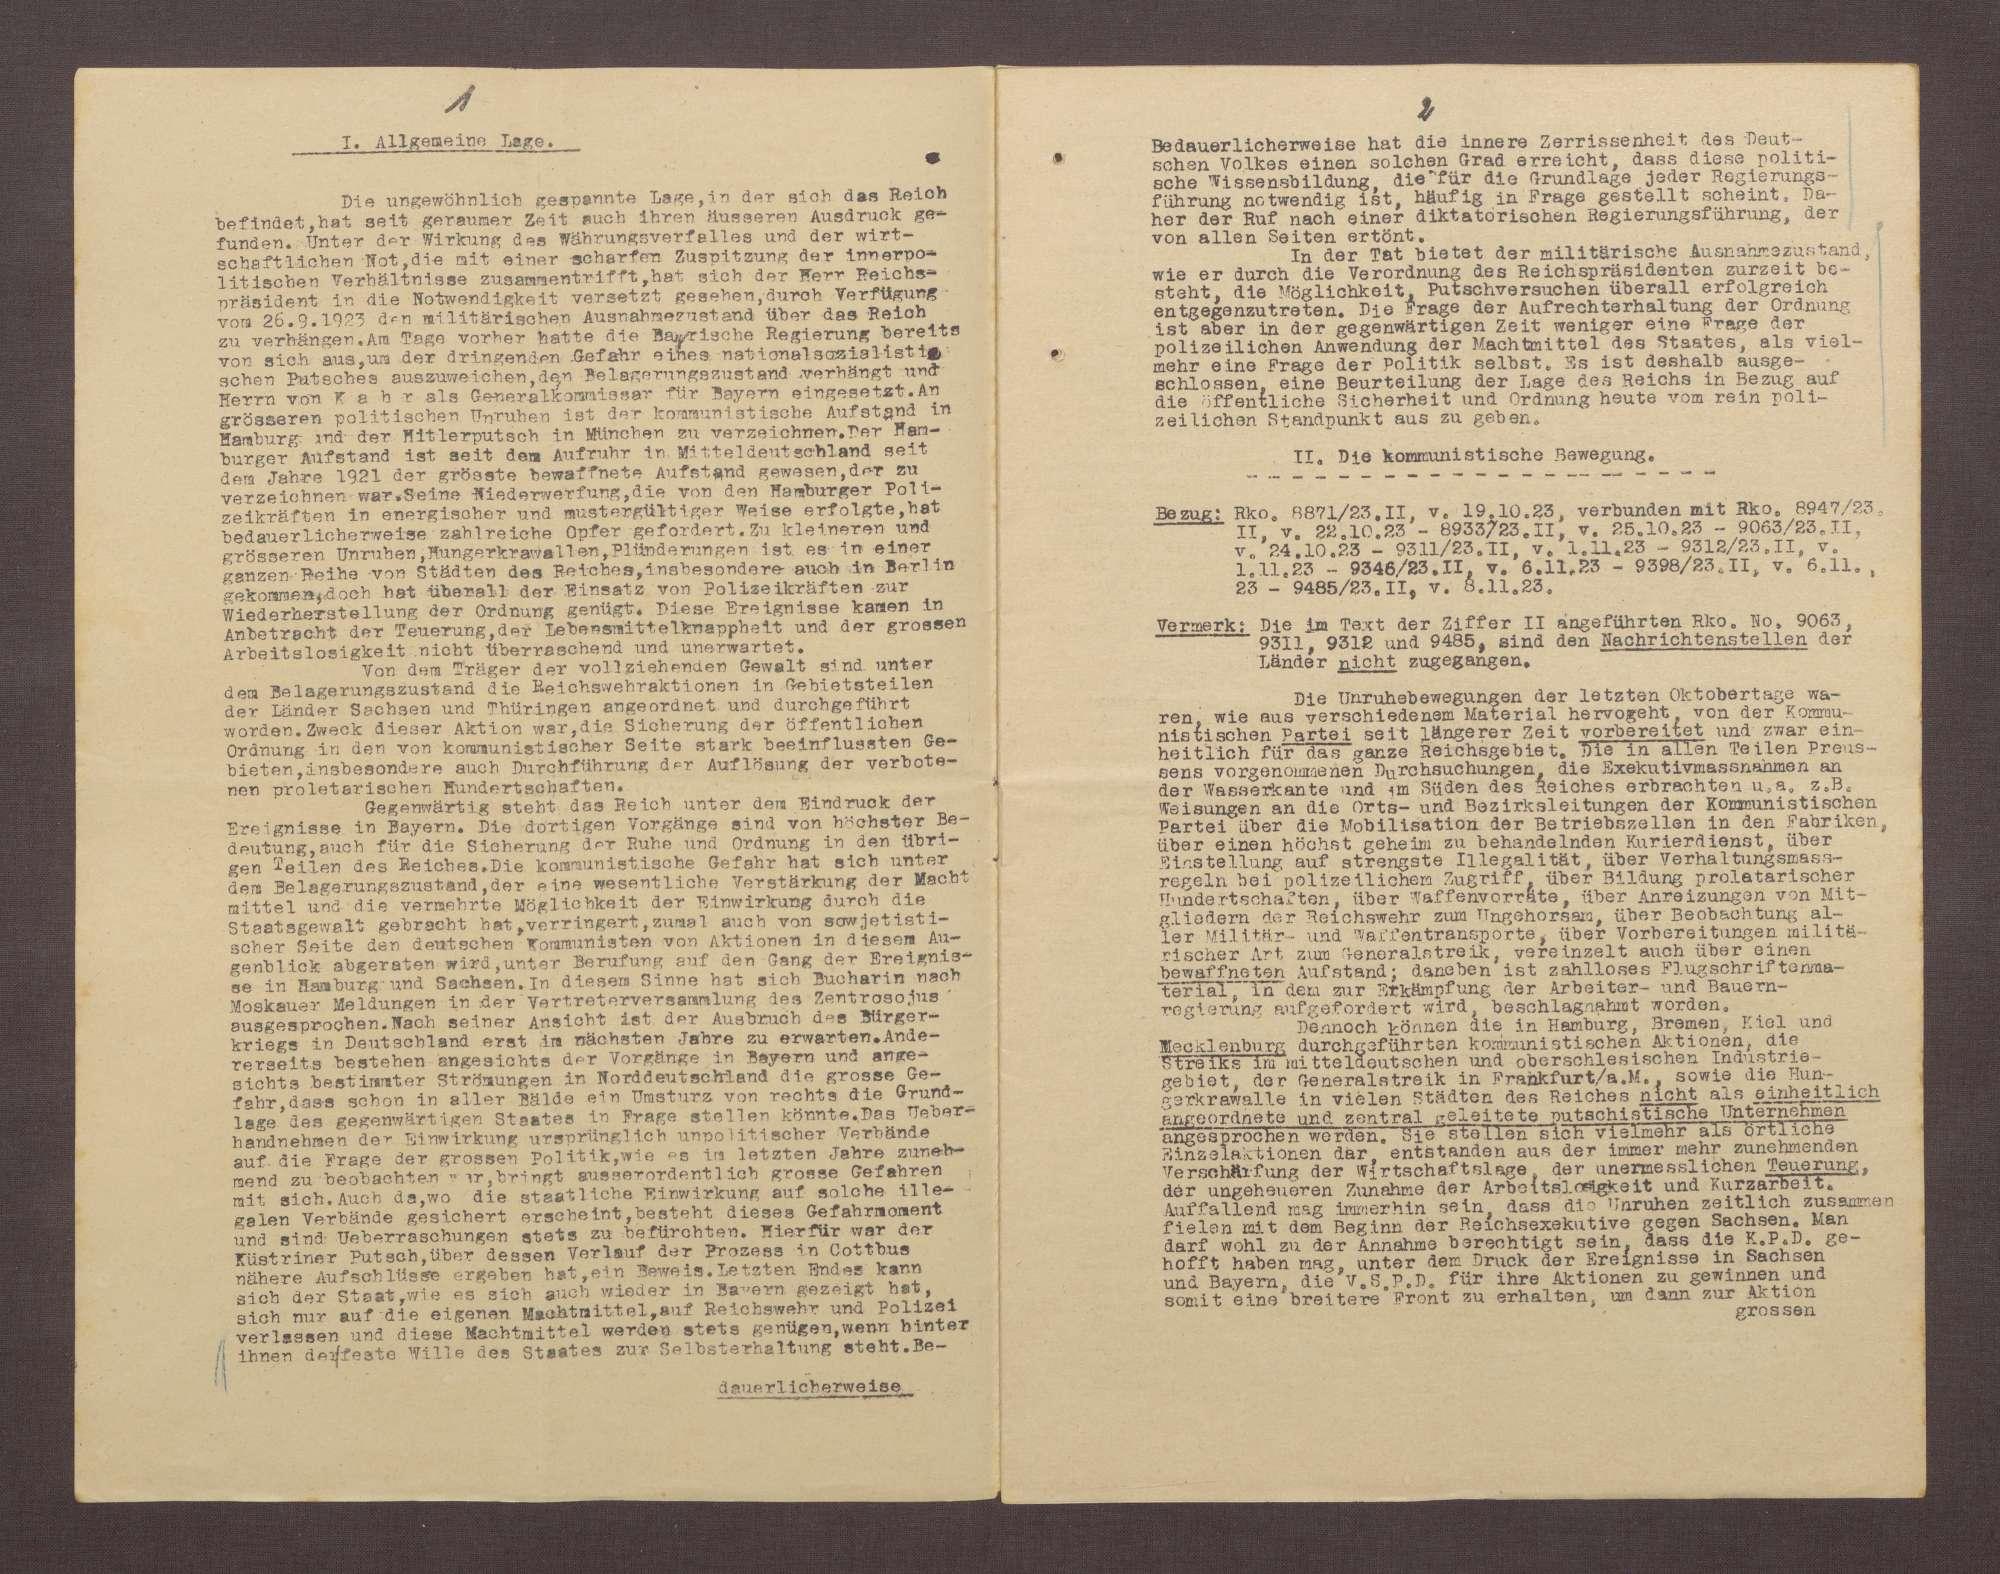 Lageberichte des Reichskommissars für Überwachung der öffentlichen Ordnung, Nr. 98, Bild 2